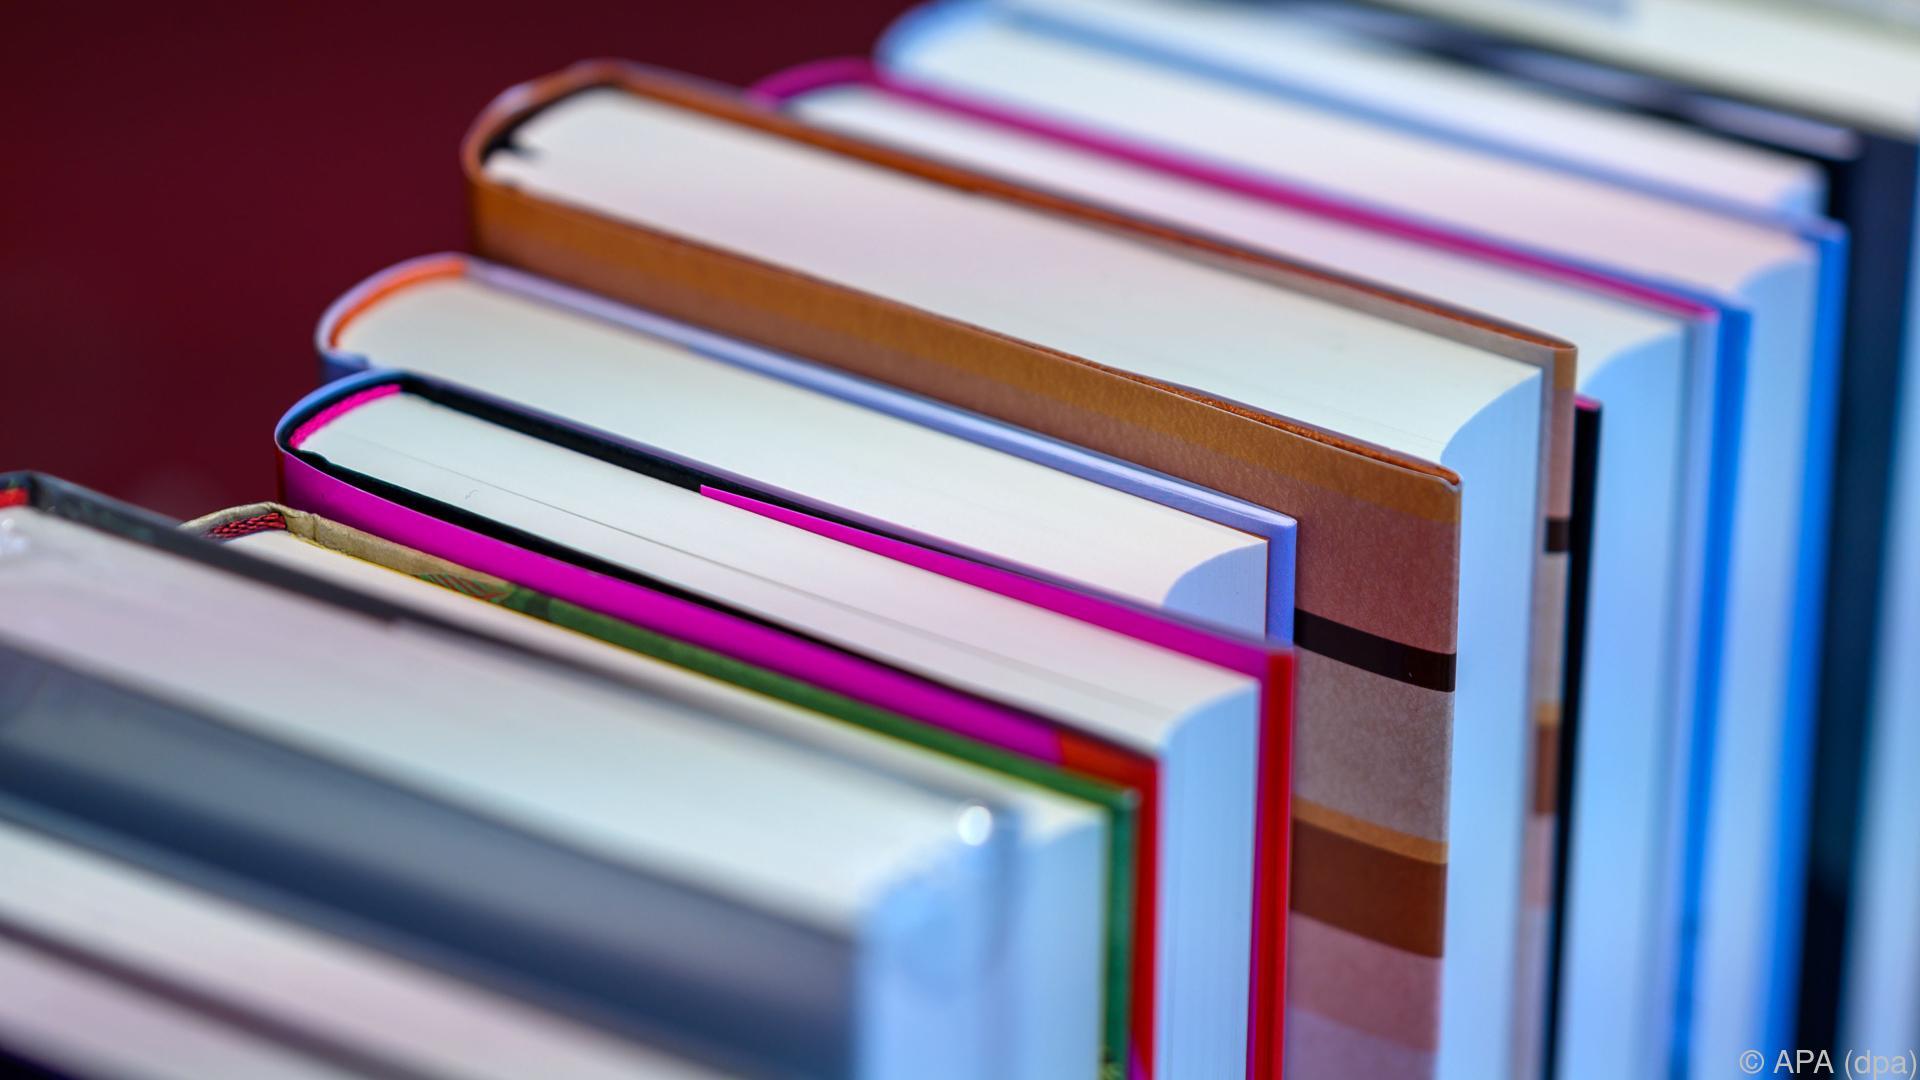 Deutsche Bischöfe verweigern Preis für Buch mit Transgender-Thema